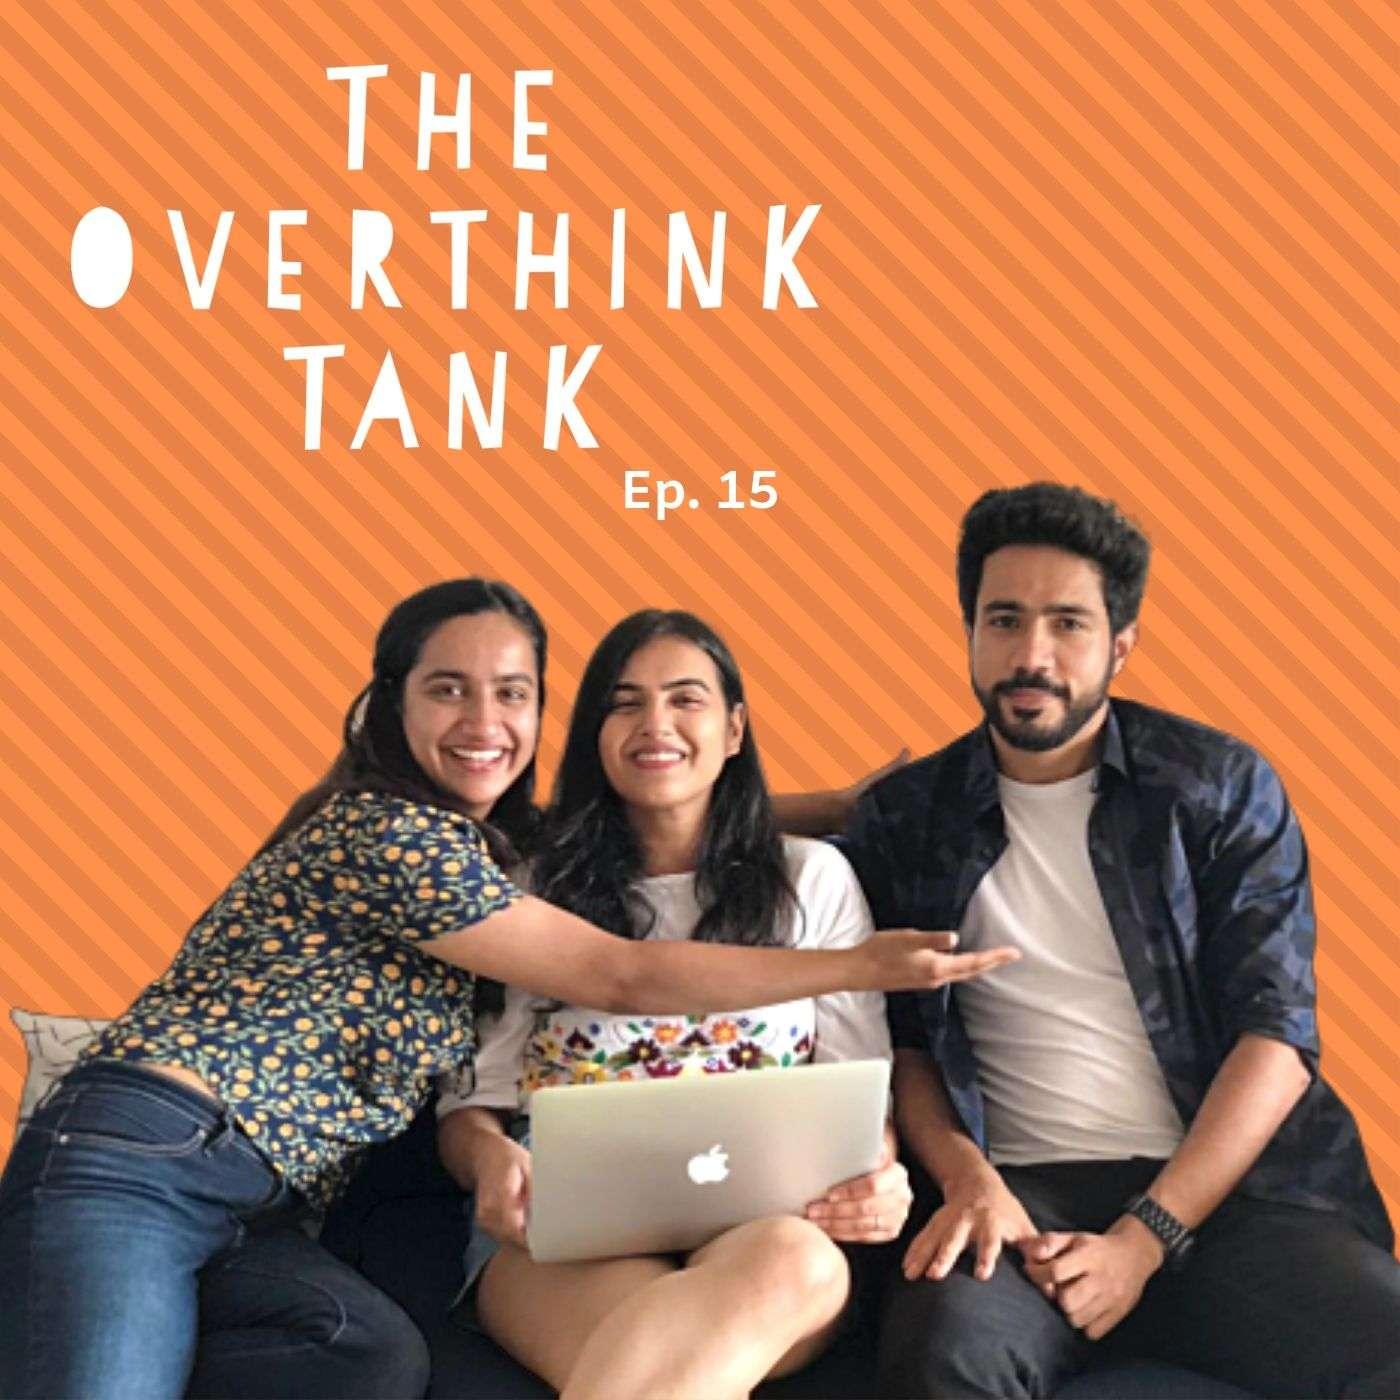 Ep. 15: How To Do Nothing feat. Urooj Ashfaq and Abhishek Upmanyu